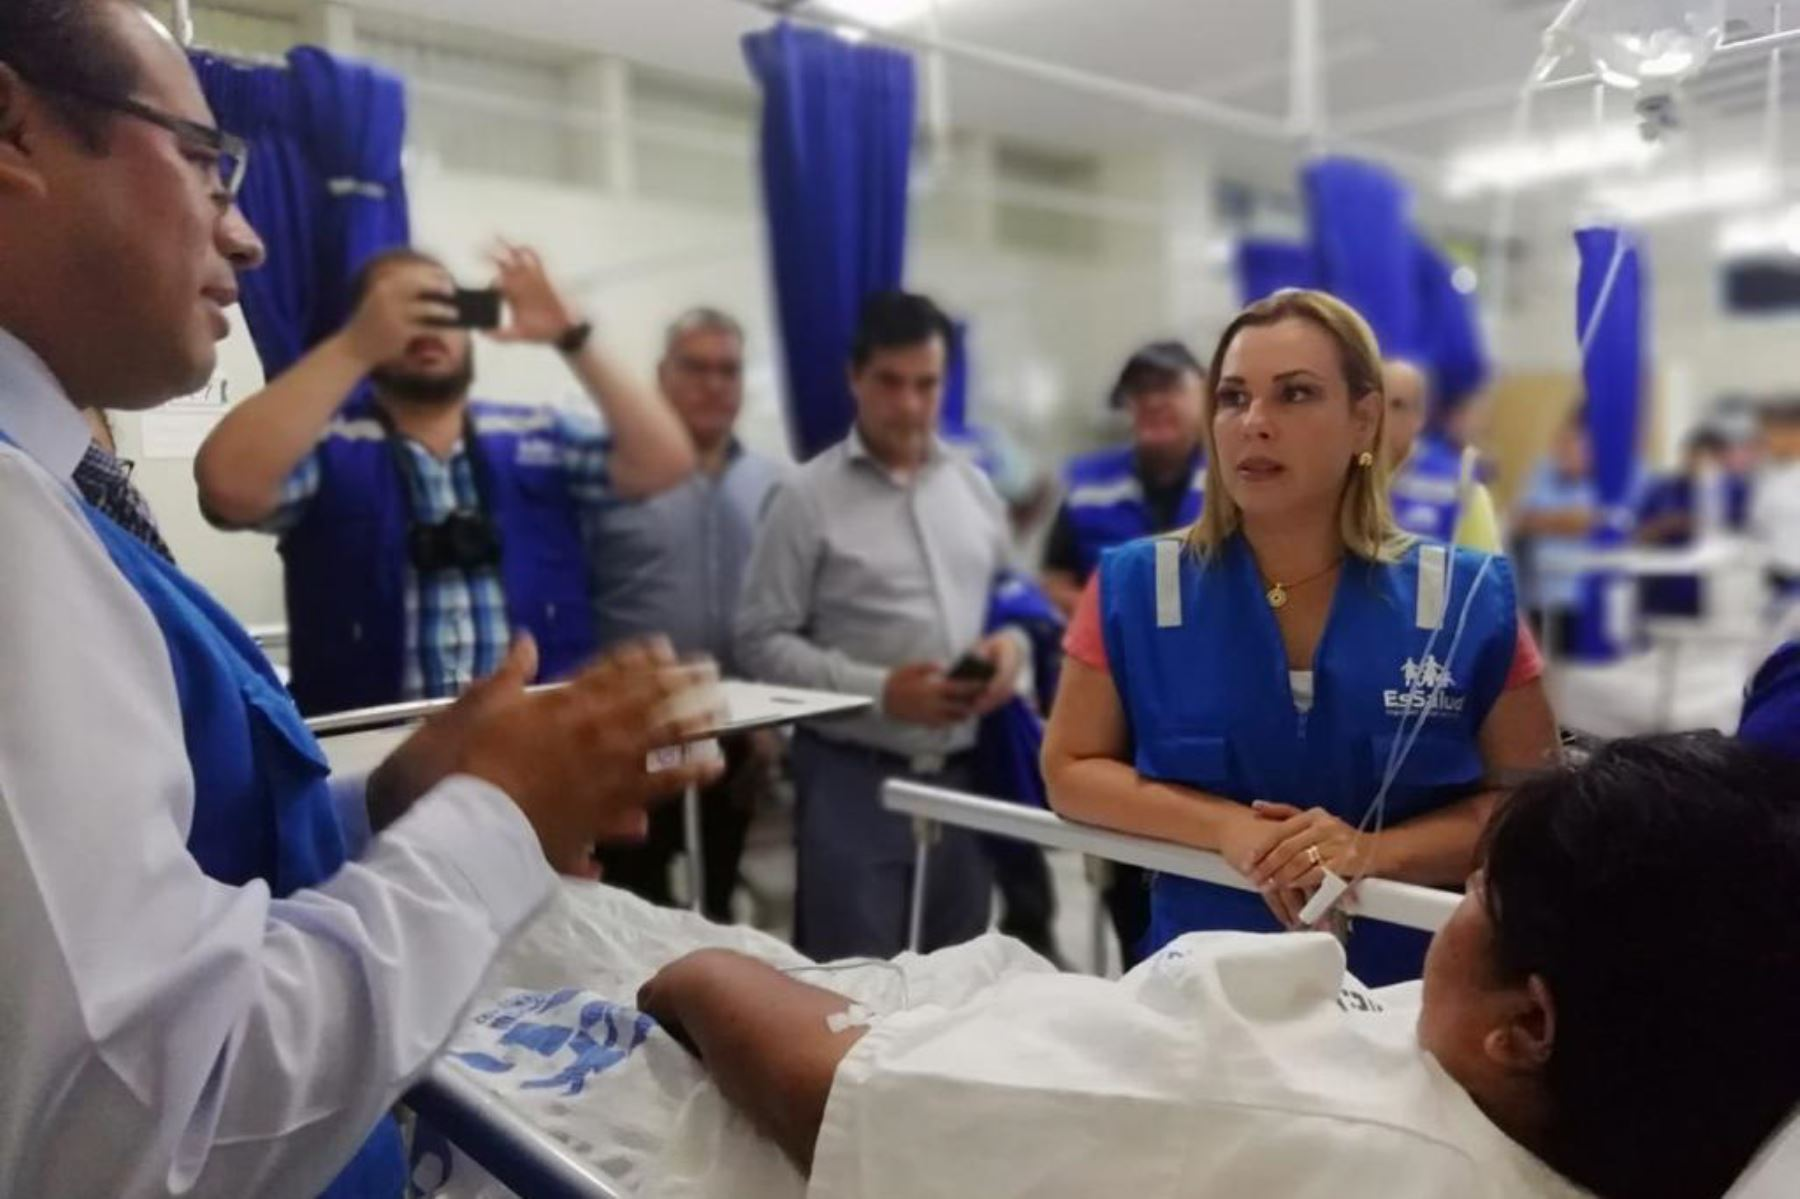 La presidenta ejecutiva de EsSalud, Fiorella Molinelli, supervisa la atención médica a los pobladores afectados por las intensas lluvias en el sur peruano.